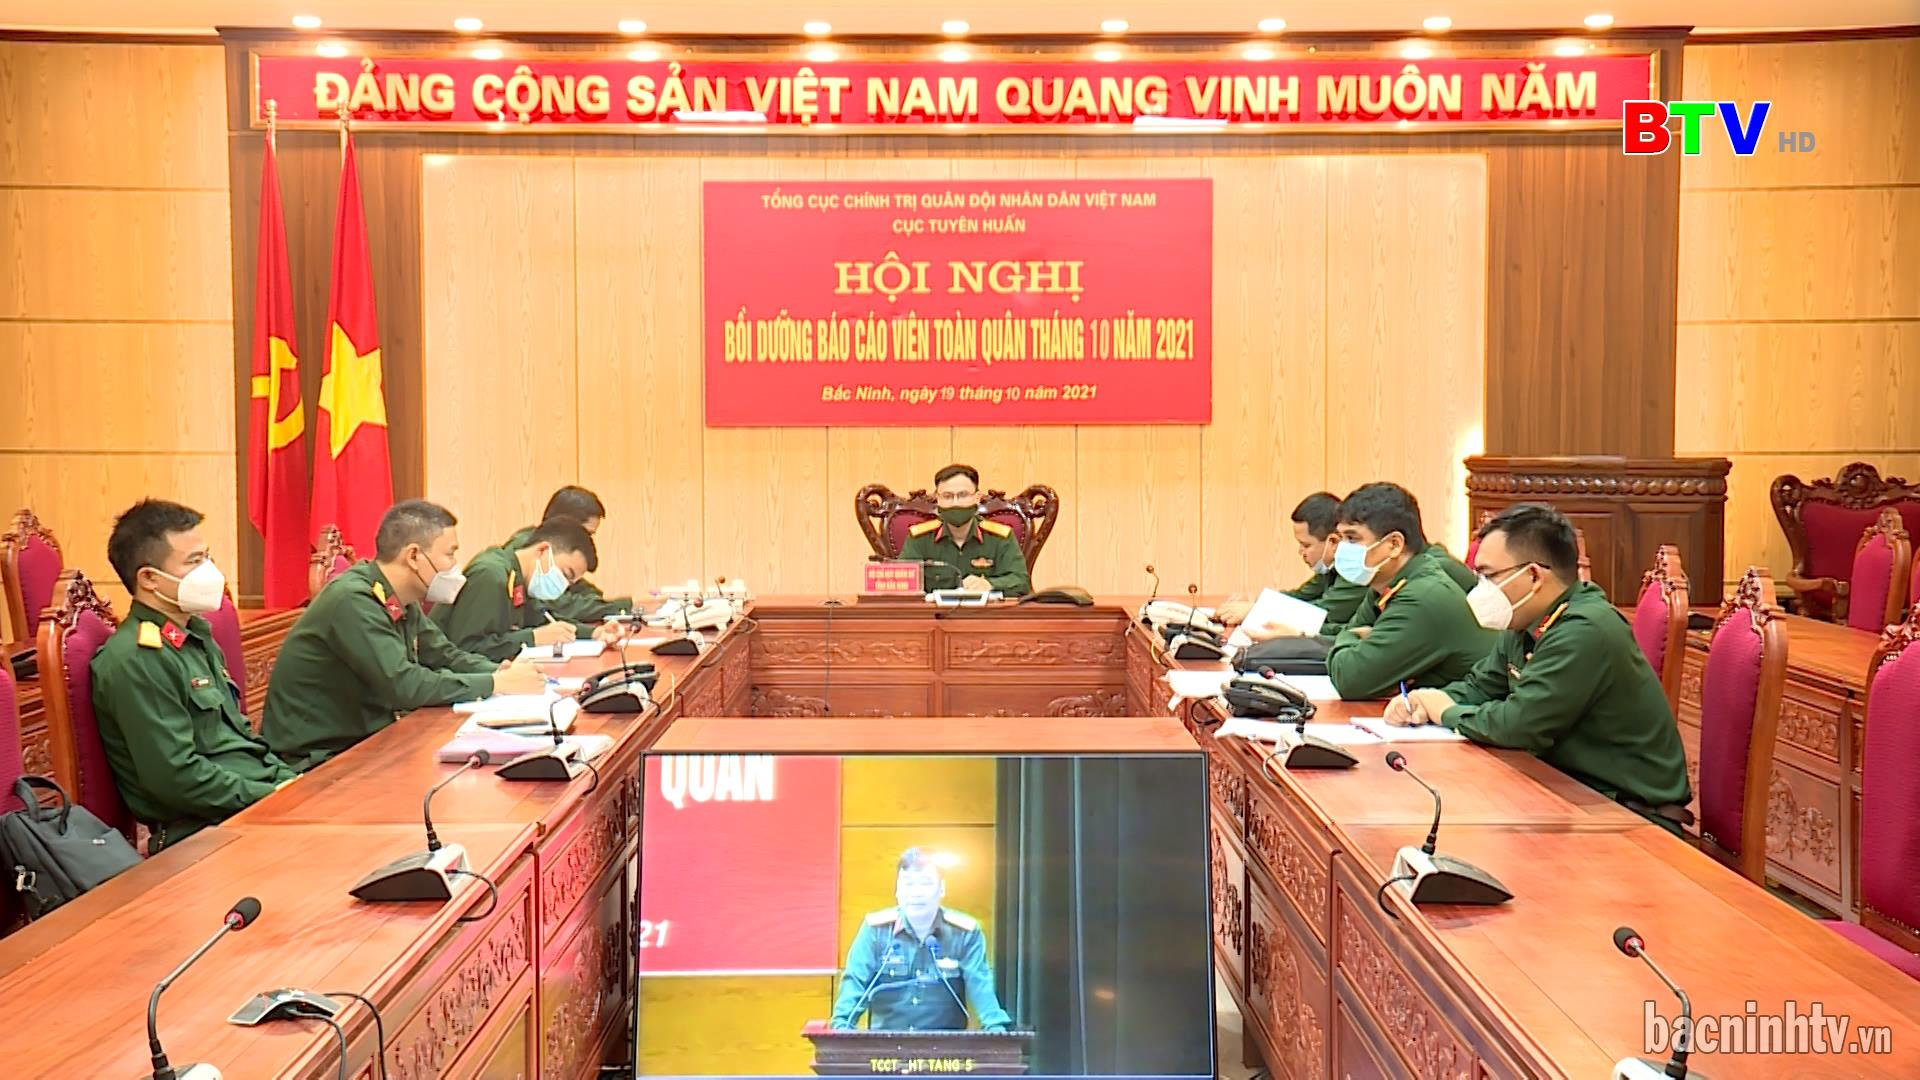 Hội nghị trực tuyến báo cáo viên toàn quân tháng 10 năm 2021